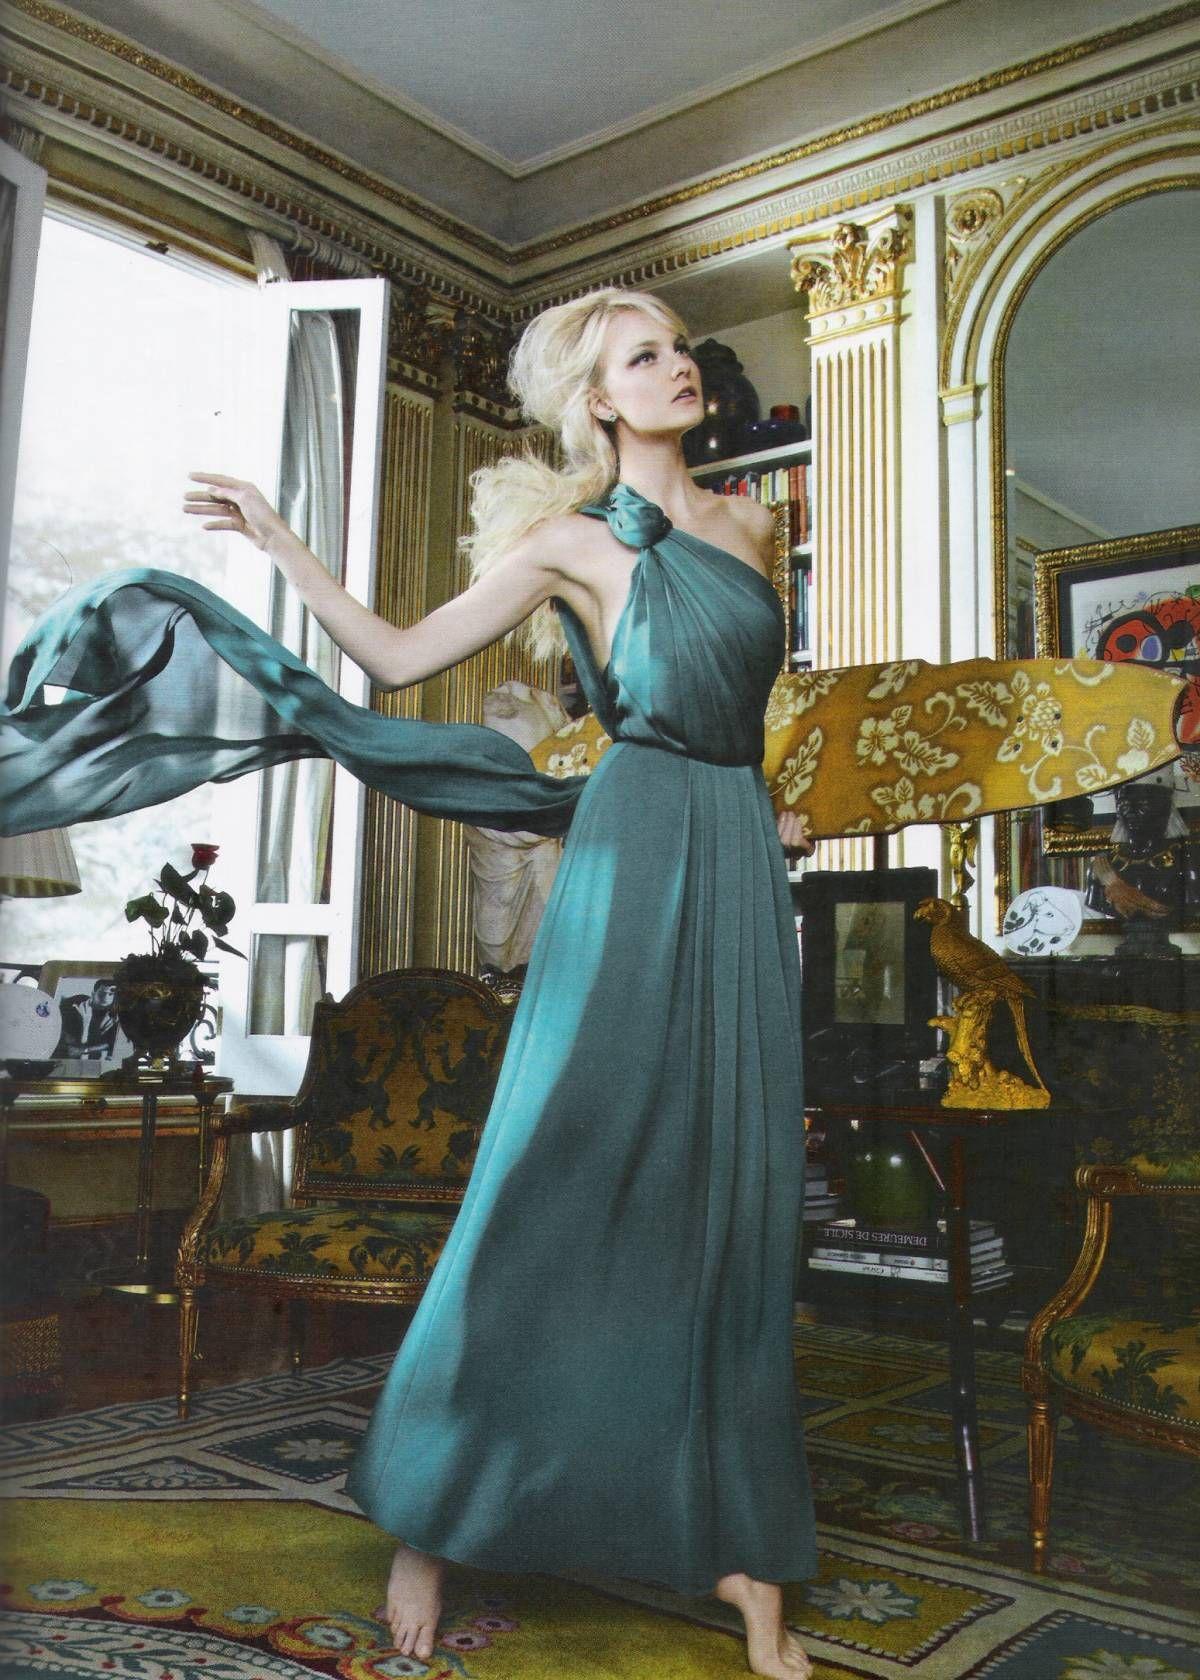 Caroline Trentini in Carolina Herrera photographed by Gui Paganini for Harper's Bazaar Brazil, December 2011.